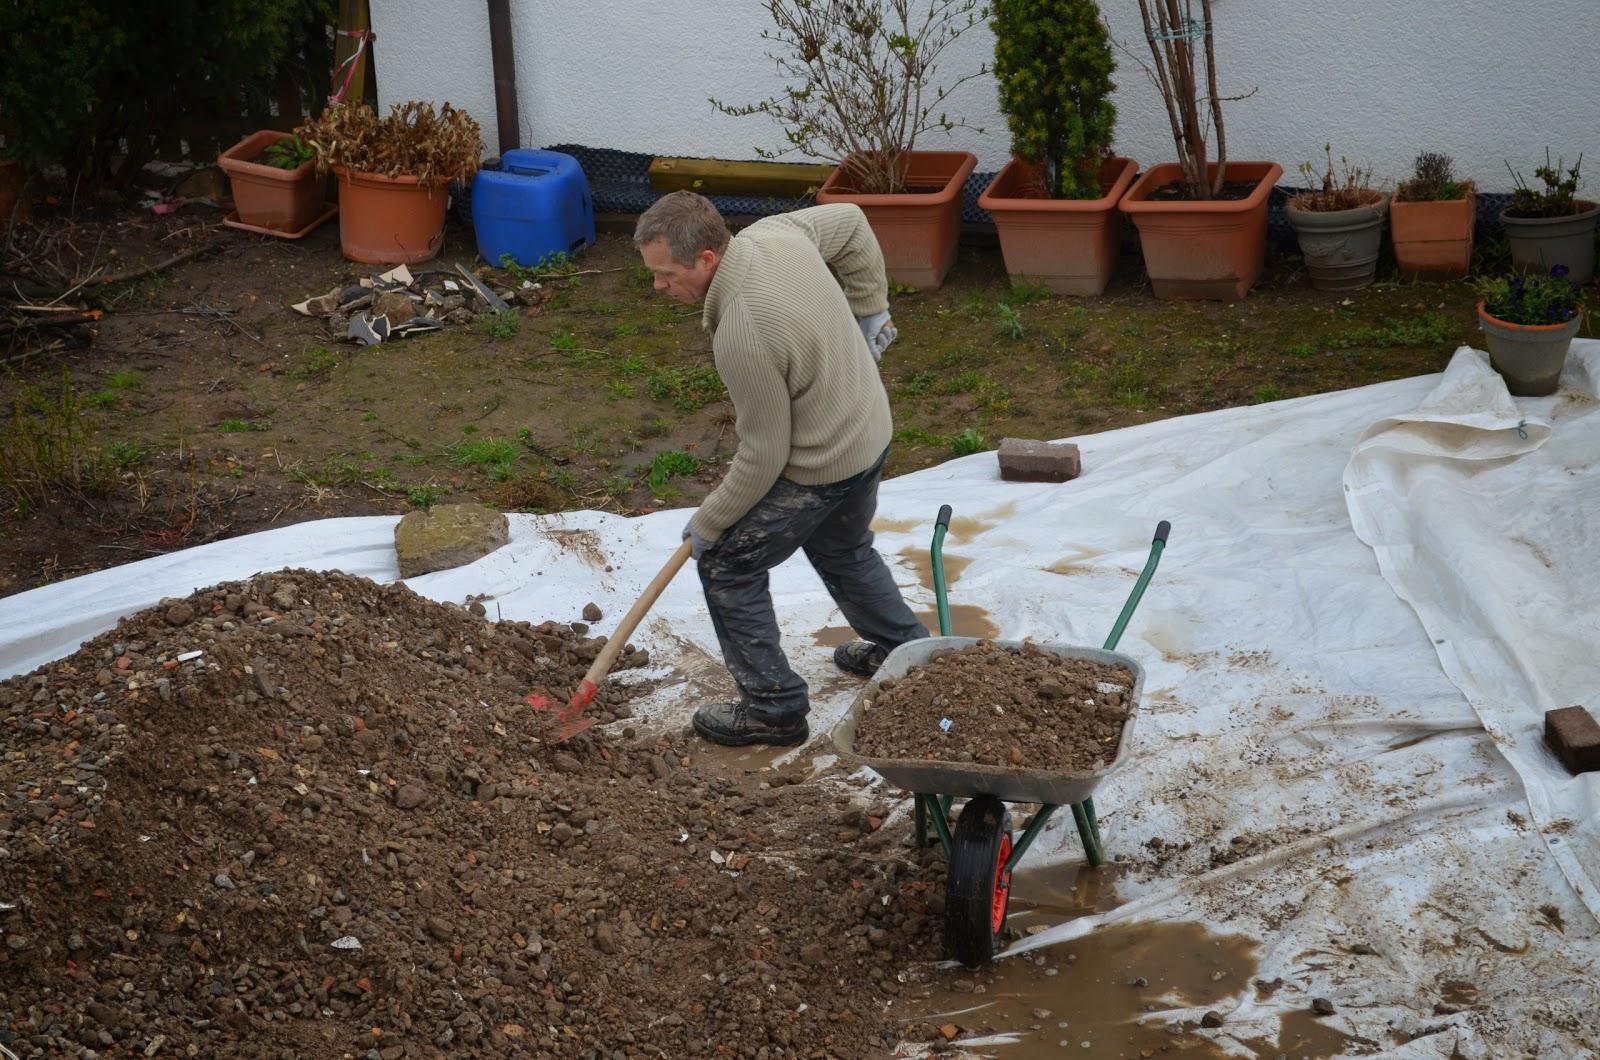 Terrasse Unterbau Schotter : HomeSweetHome Terrasse Unterbau Teil 3